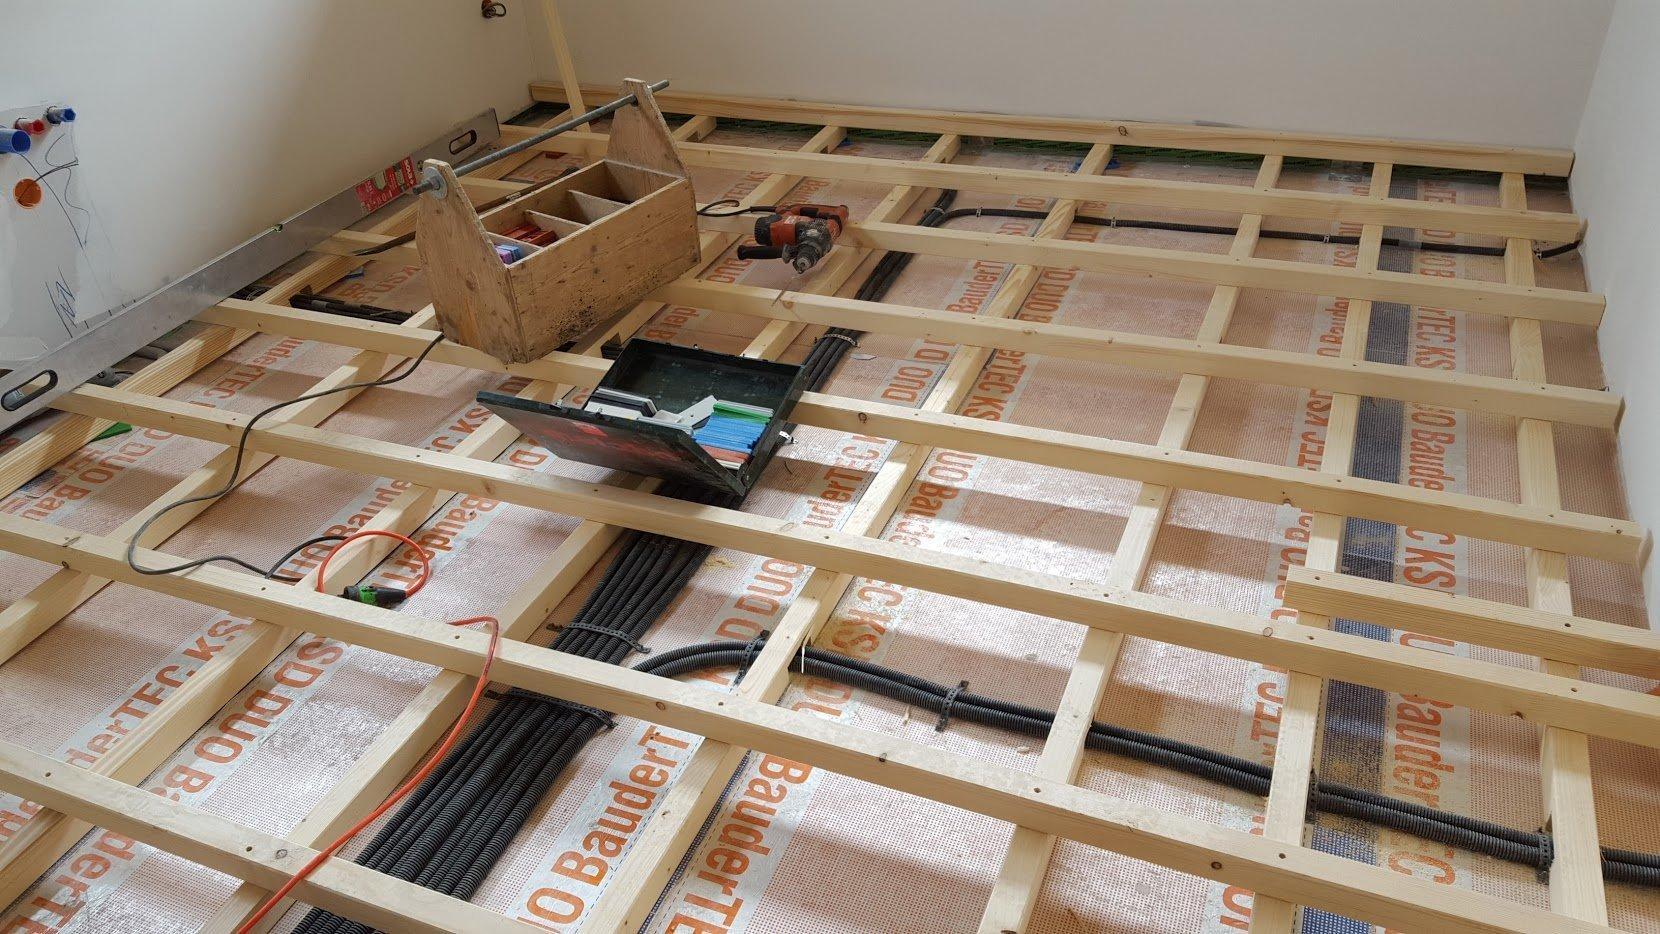 Wintergarten Fußboden Dämmen ~ Fußboden dämmung fußboden dämmung und heizung wir bauen ein haus